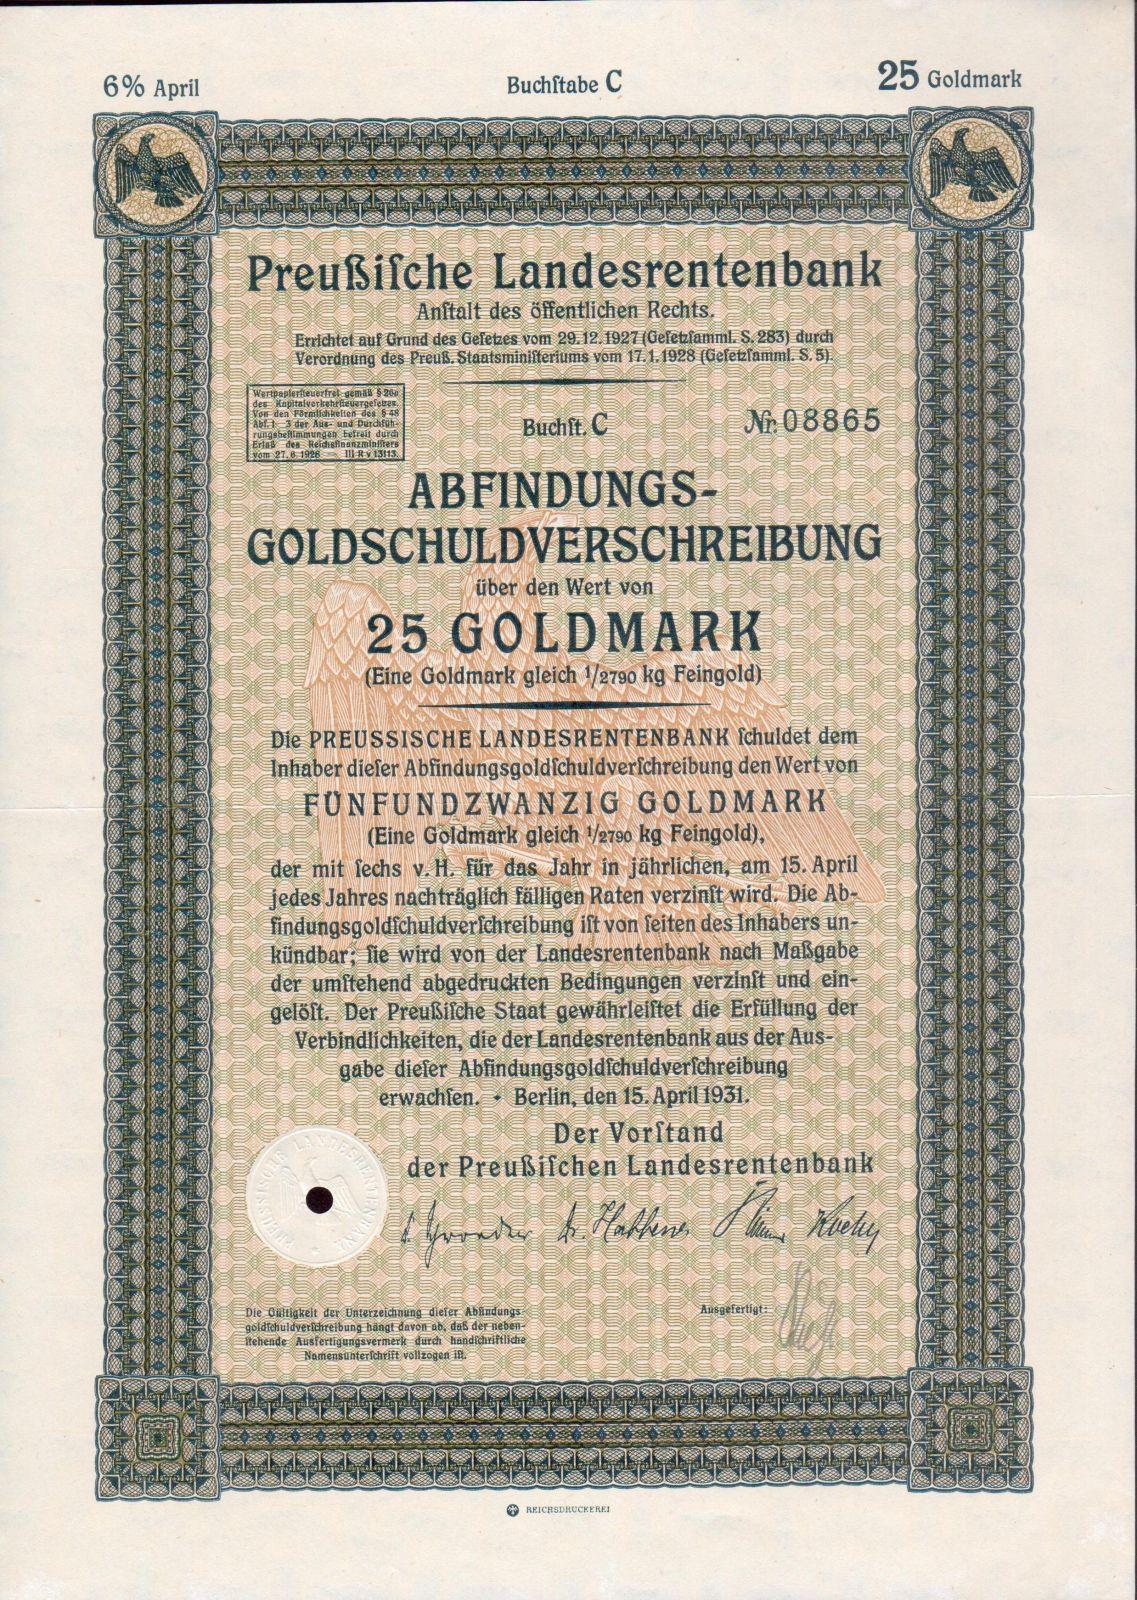 Dluhopis Preussische Landesrentenbank, Berlín/1931/, 25 Goldmark, 6%, formát A4